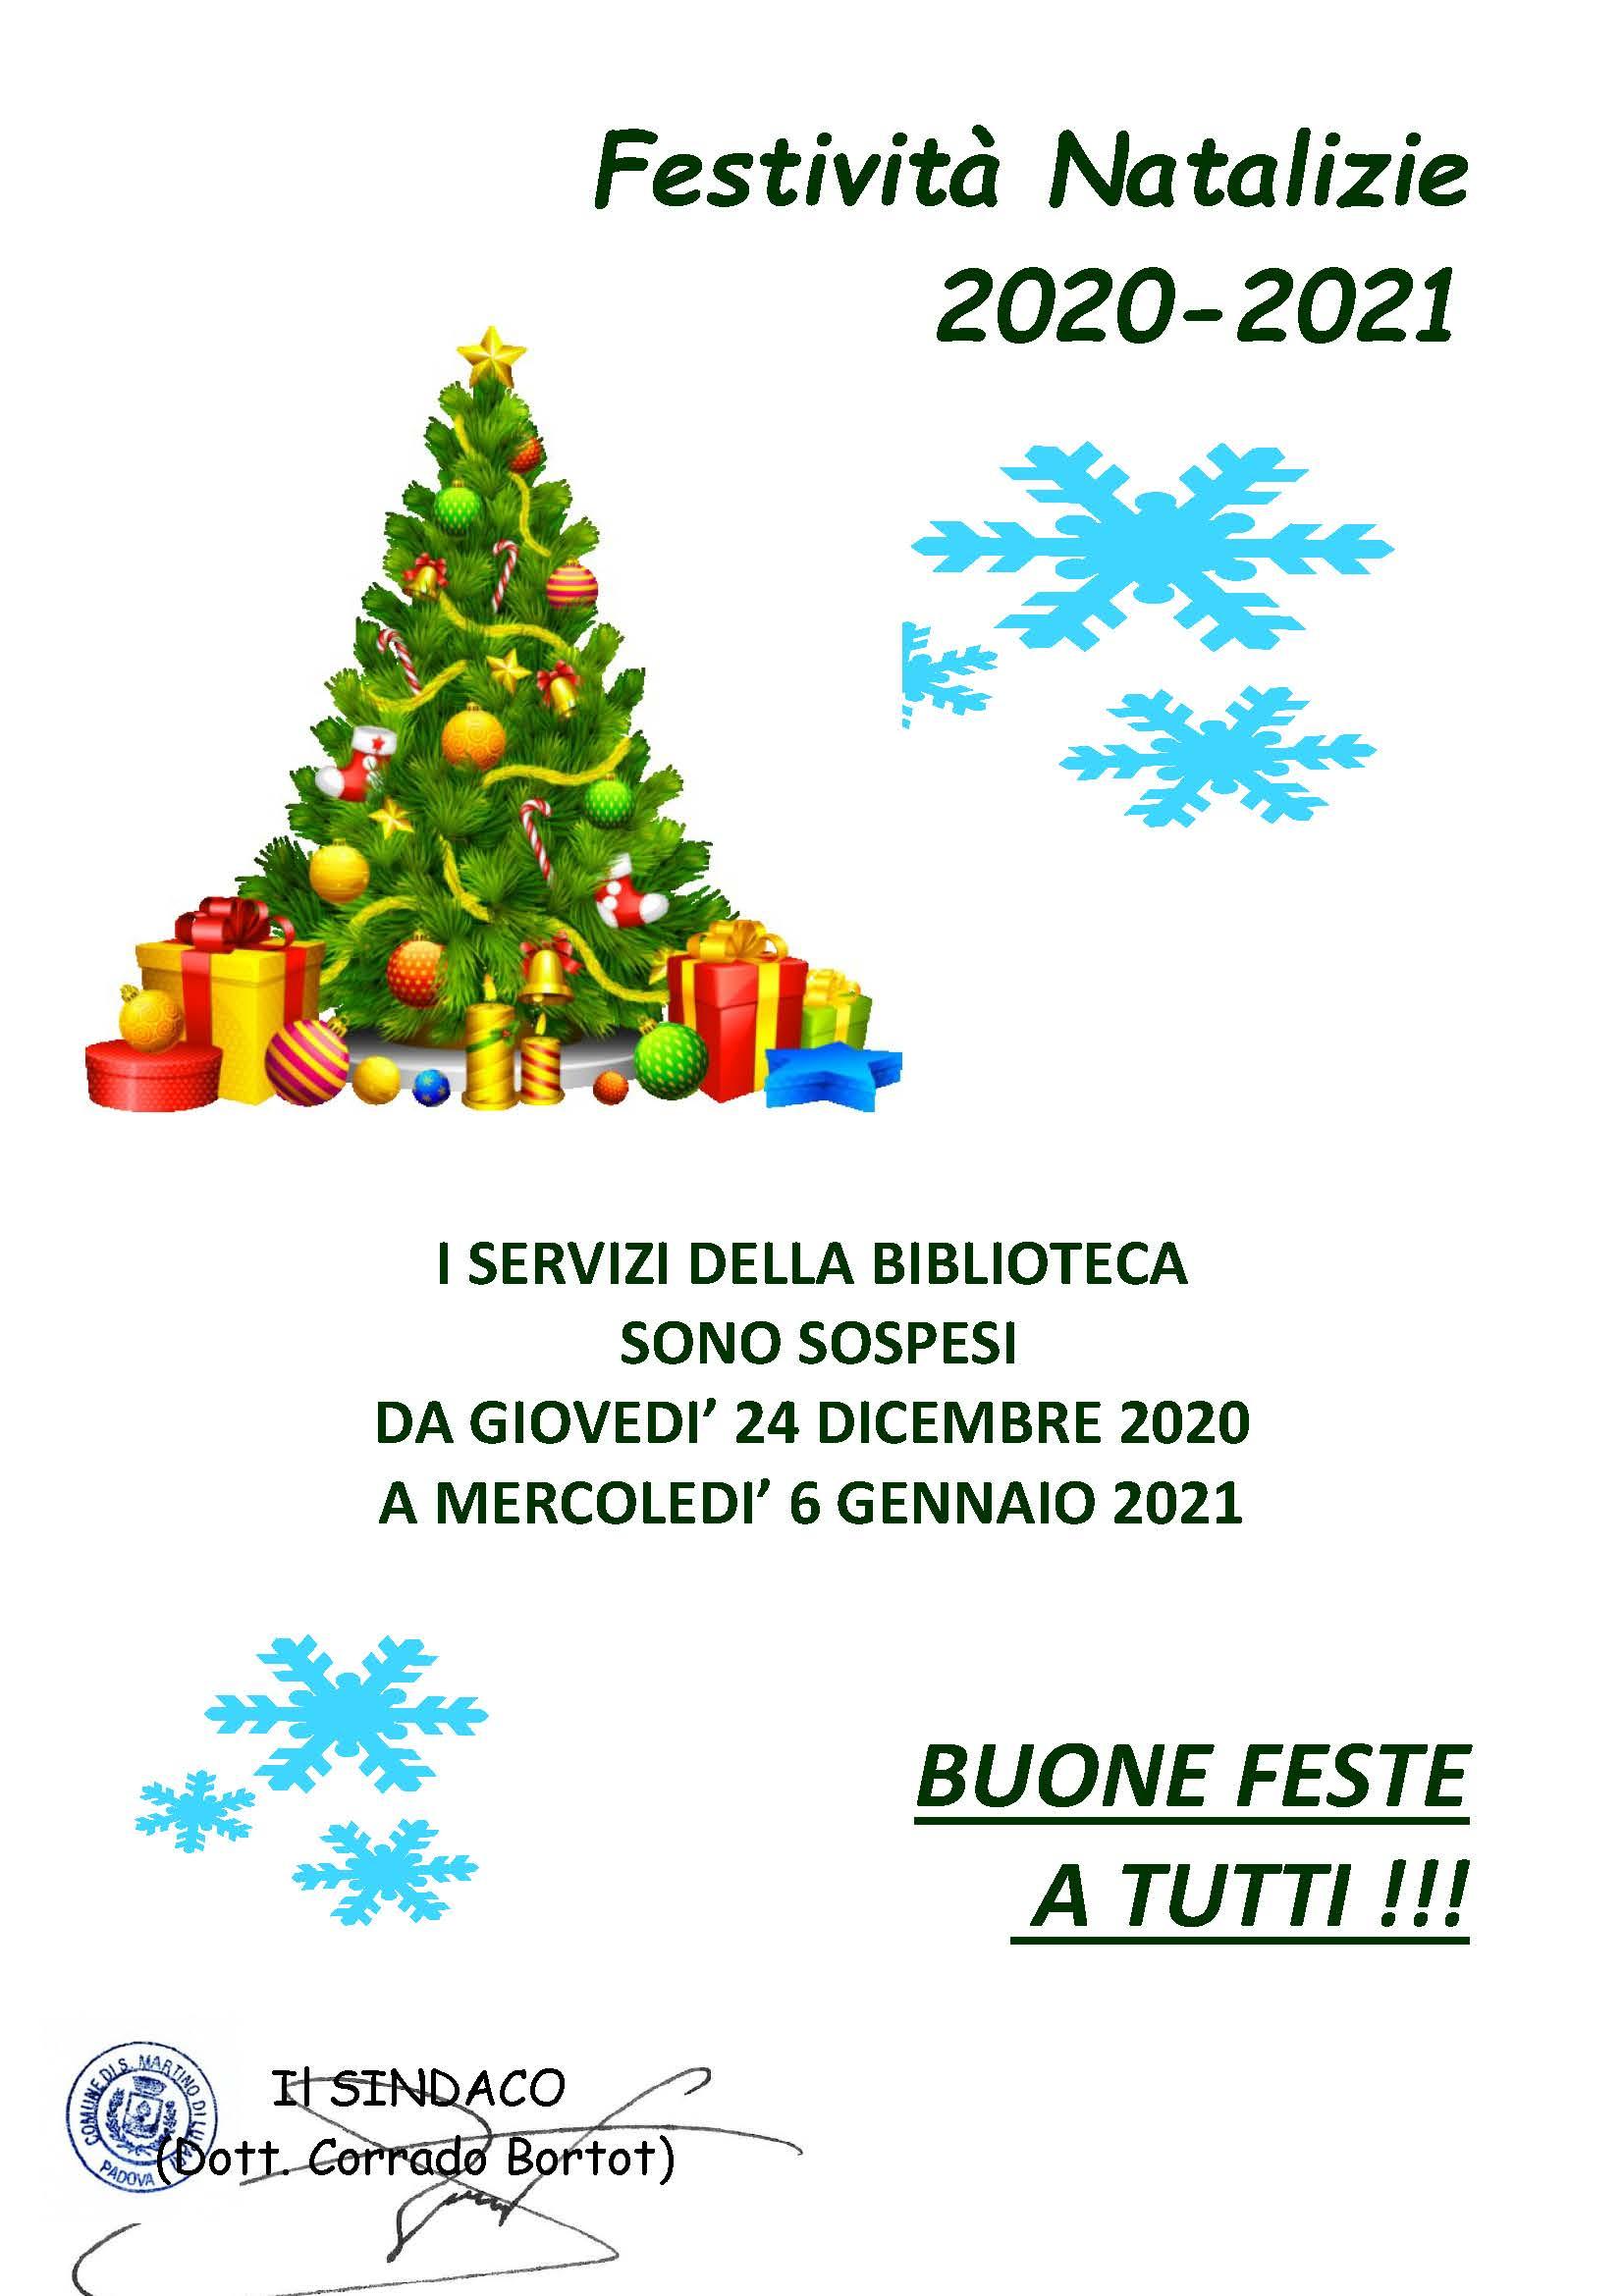 Avviso chiusura Biblioteca Comunale per festività natalizie 2020-2021